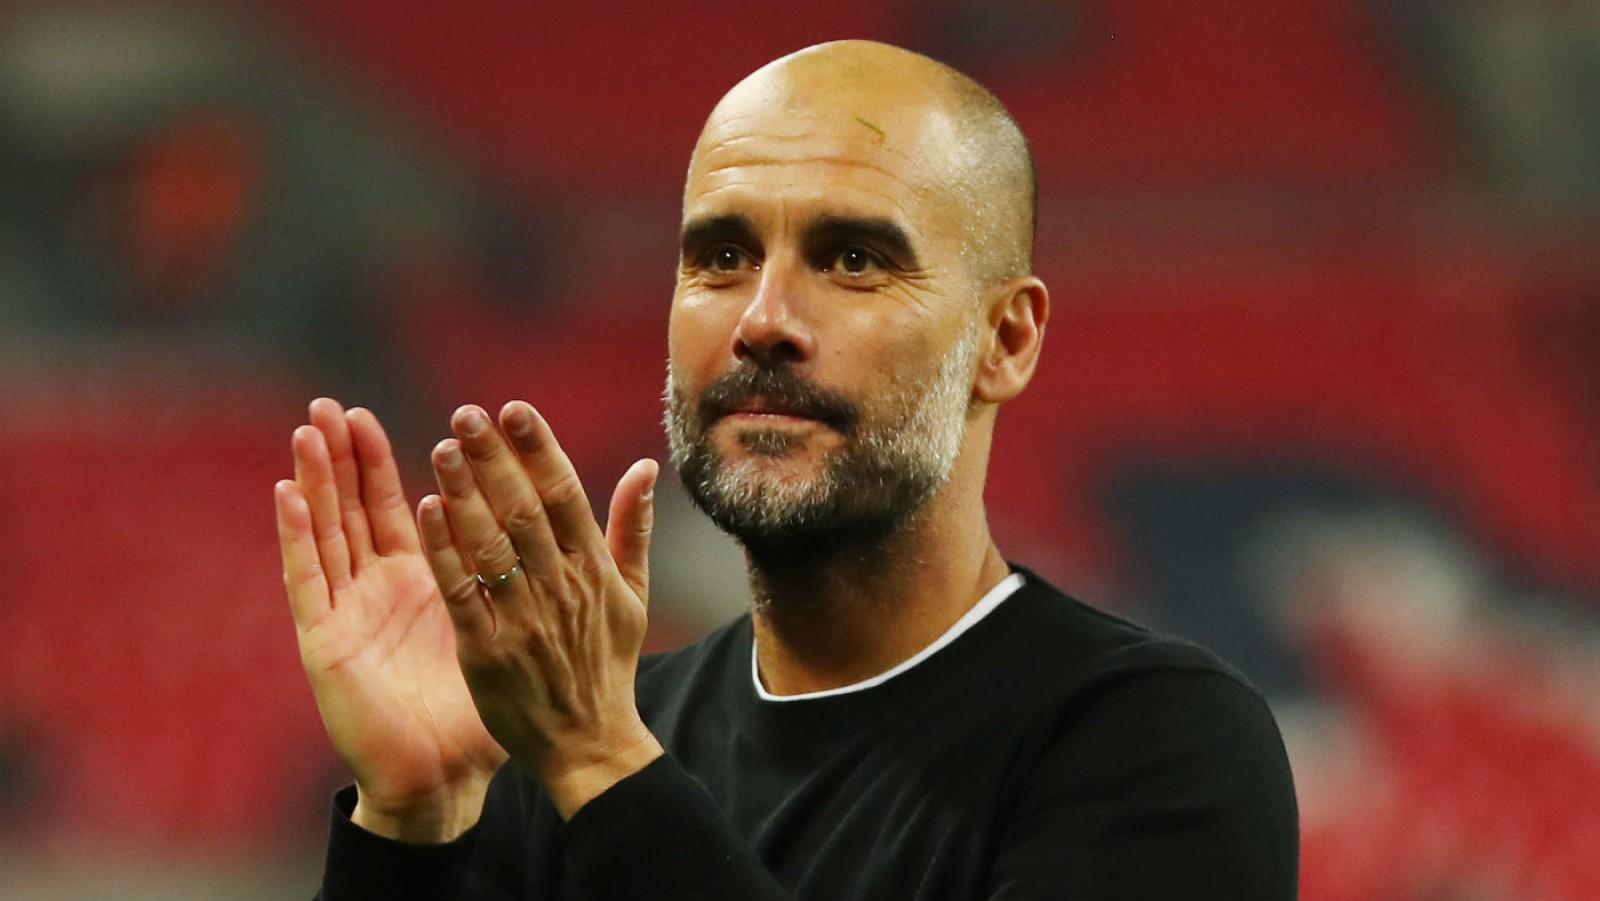 (video) Pep Guardiola și-a prelungit contractul cu Manchester City! Spaniolul va rămâne până în anul 2021 la gruparea din Manchester